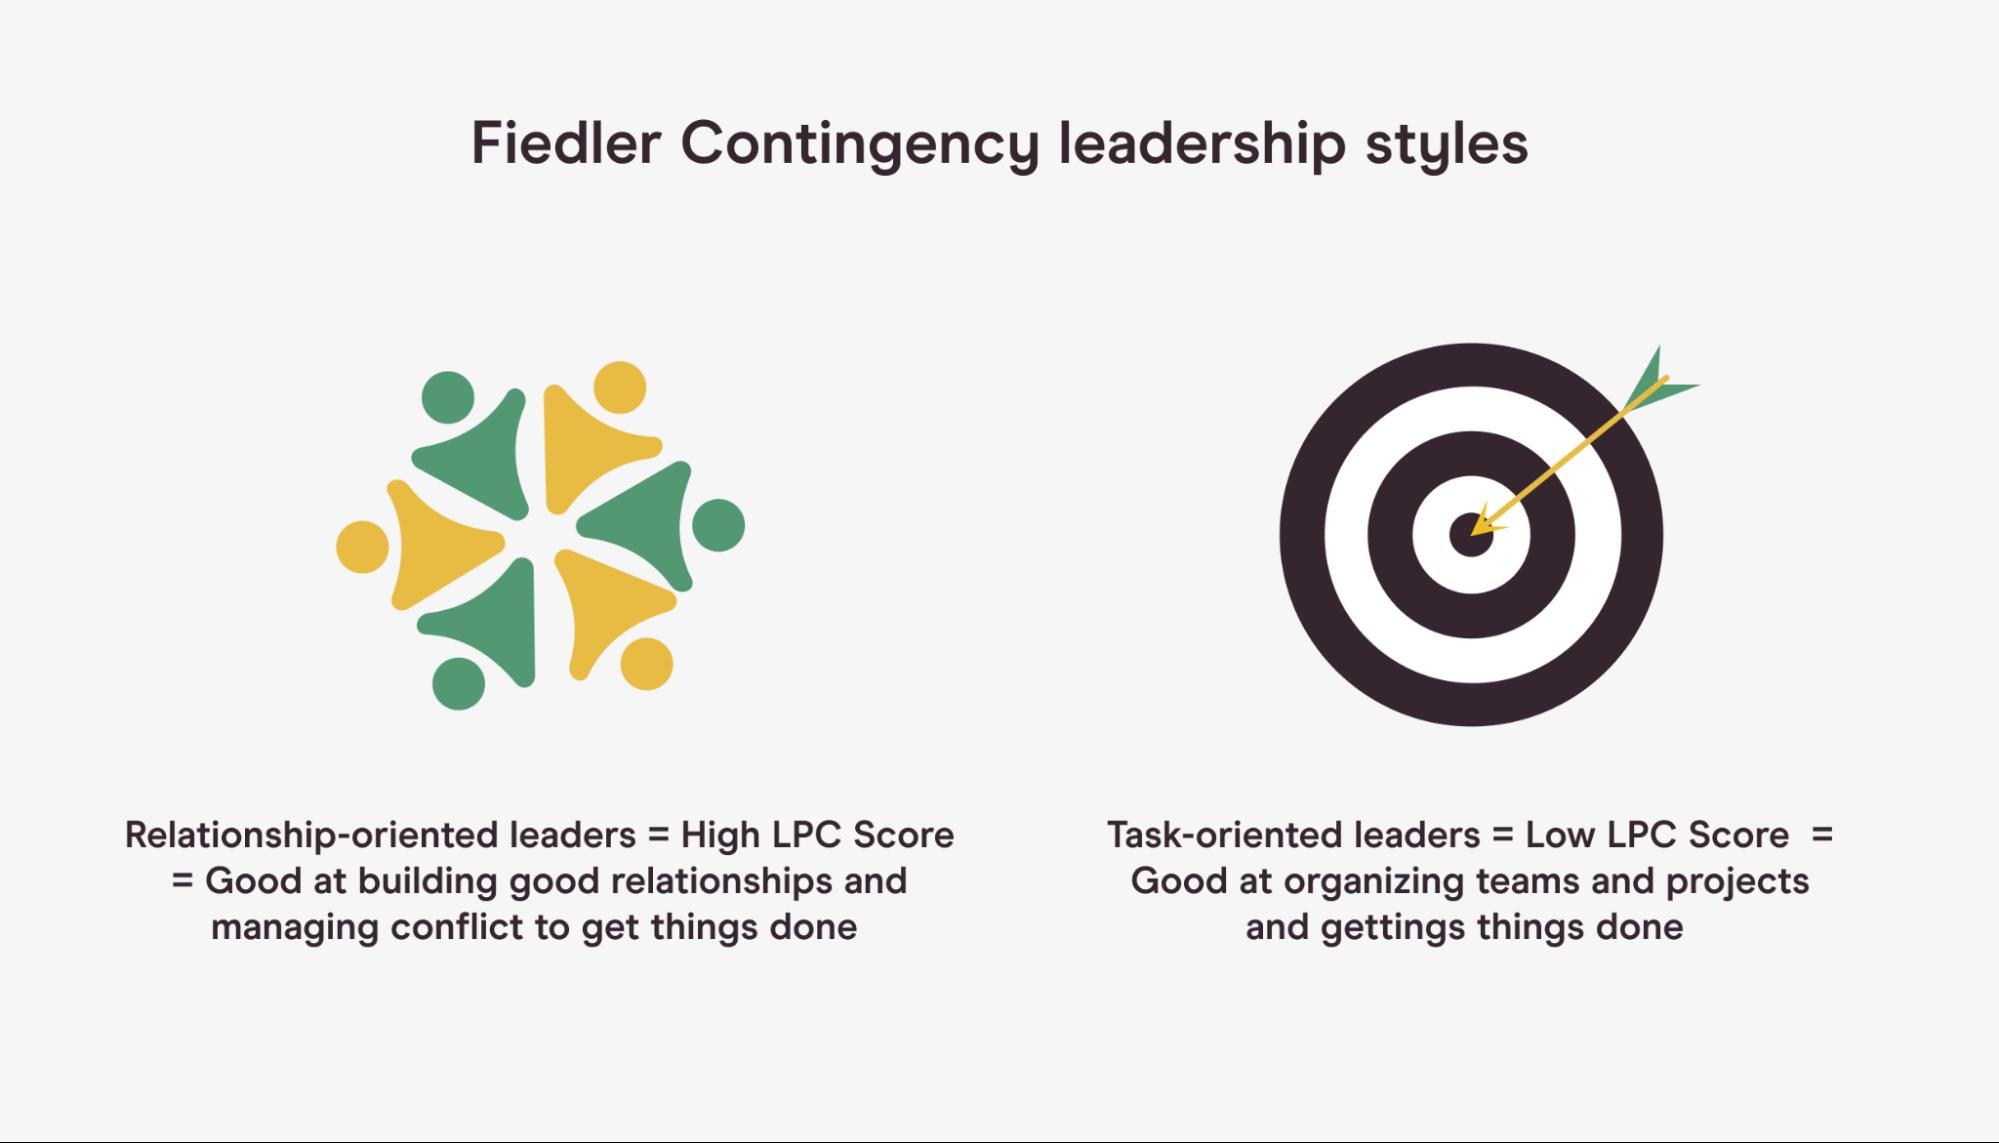 Fiedler contingency leadership styles